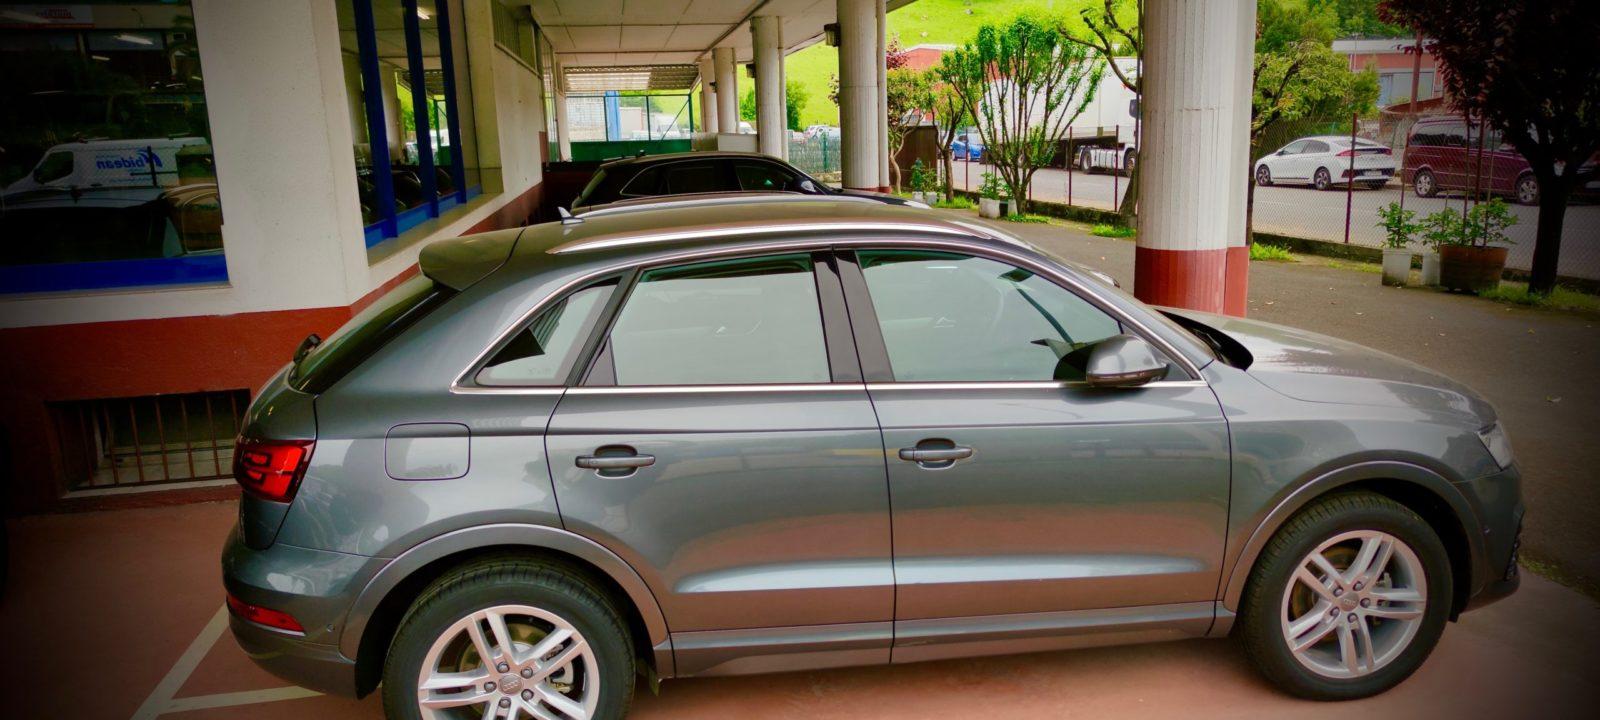 Venta de vehículos Km. 0 y de ocasión. AUDI - VOLKSWAGEN Tel 943 45 15 18 Paseo de Ubarburu, 30, Polígono 27 de Martutene